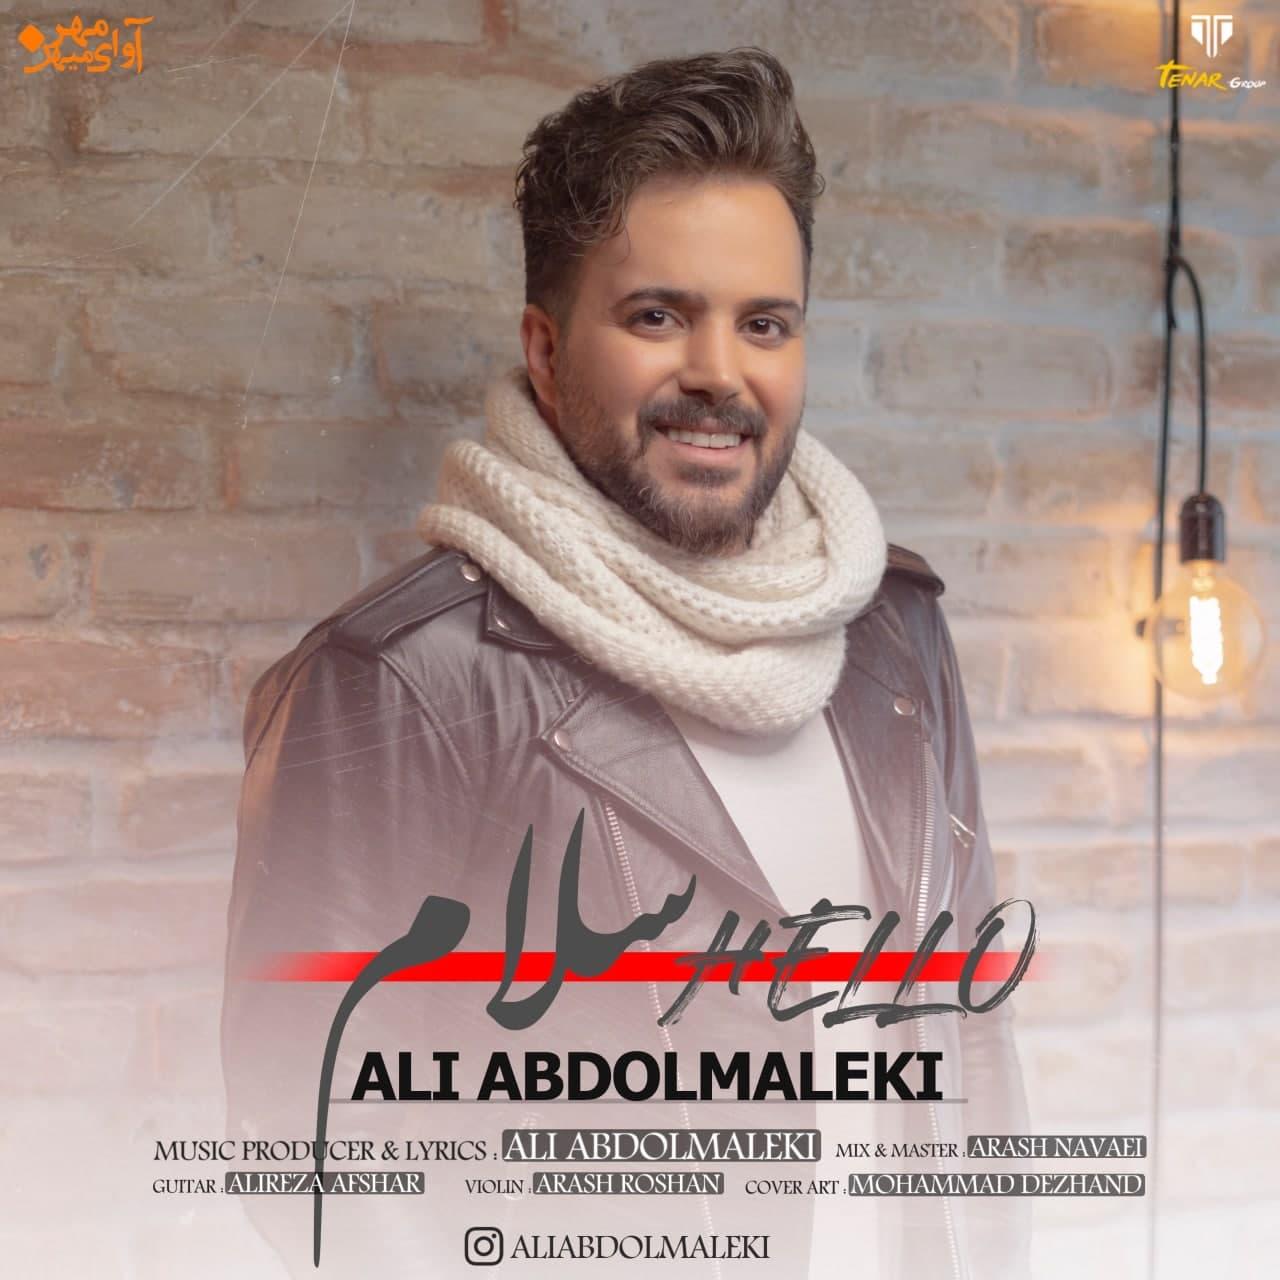 دانلود آهنگ جدید علی عبدالمالکی سلام